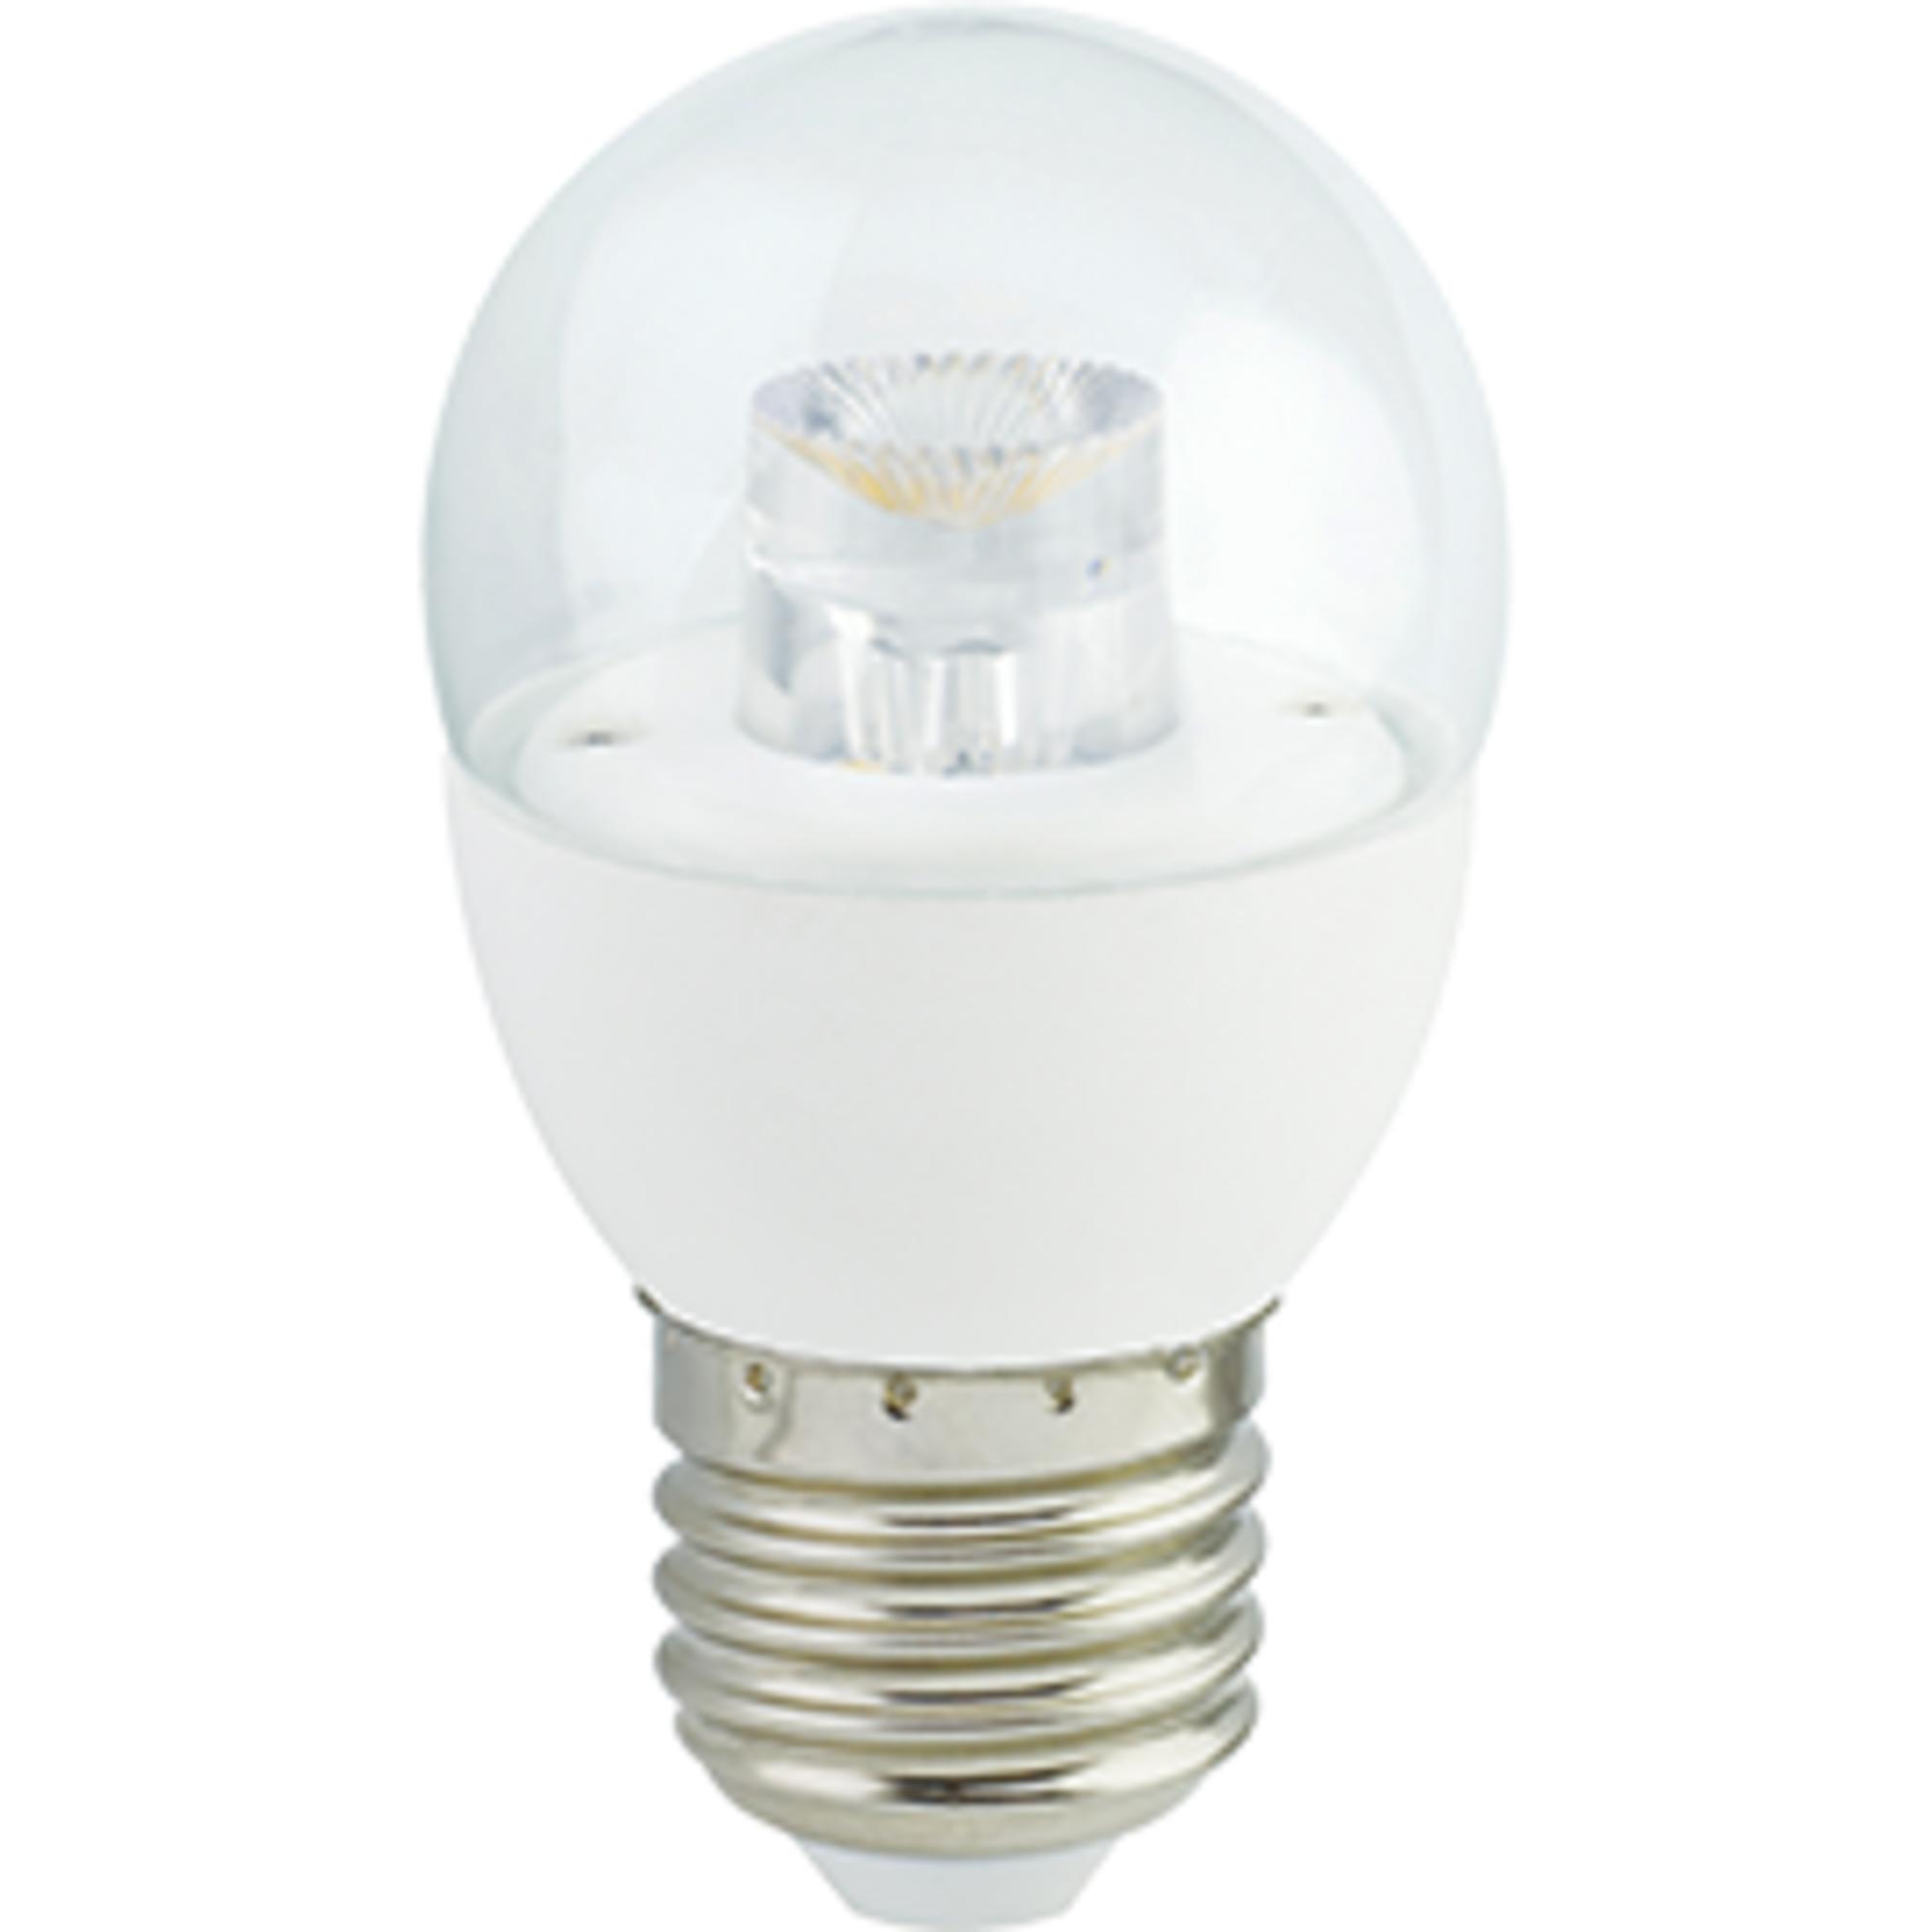 Лампа Ecola Premium светодионая E27 7 Вт шар 560 Лм нейтральный свет